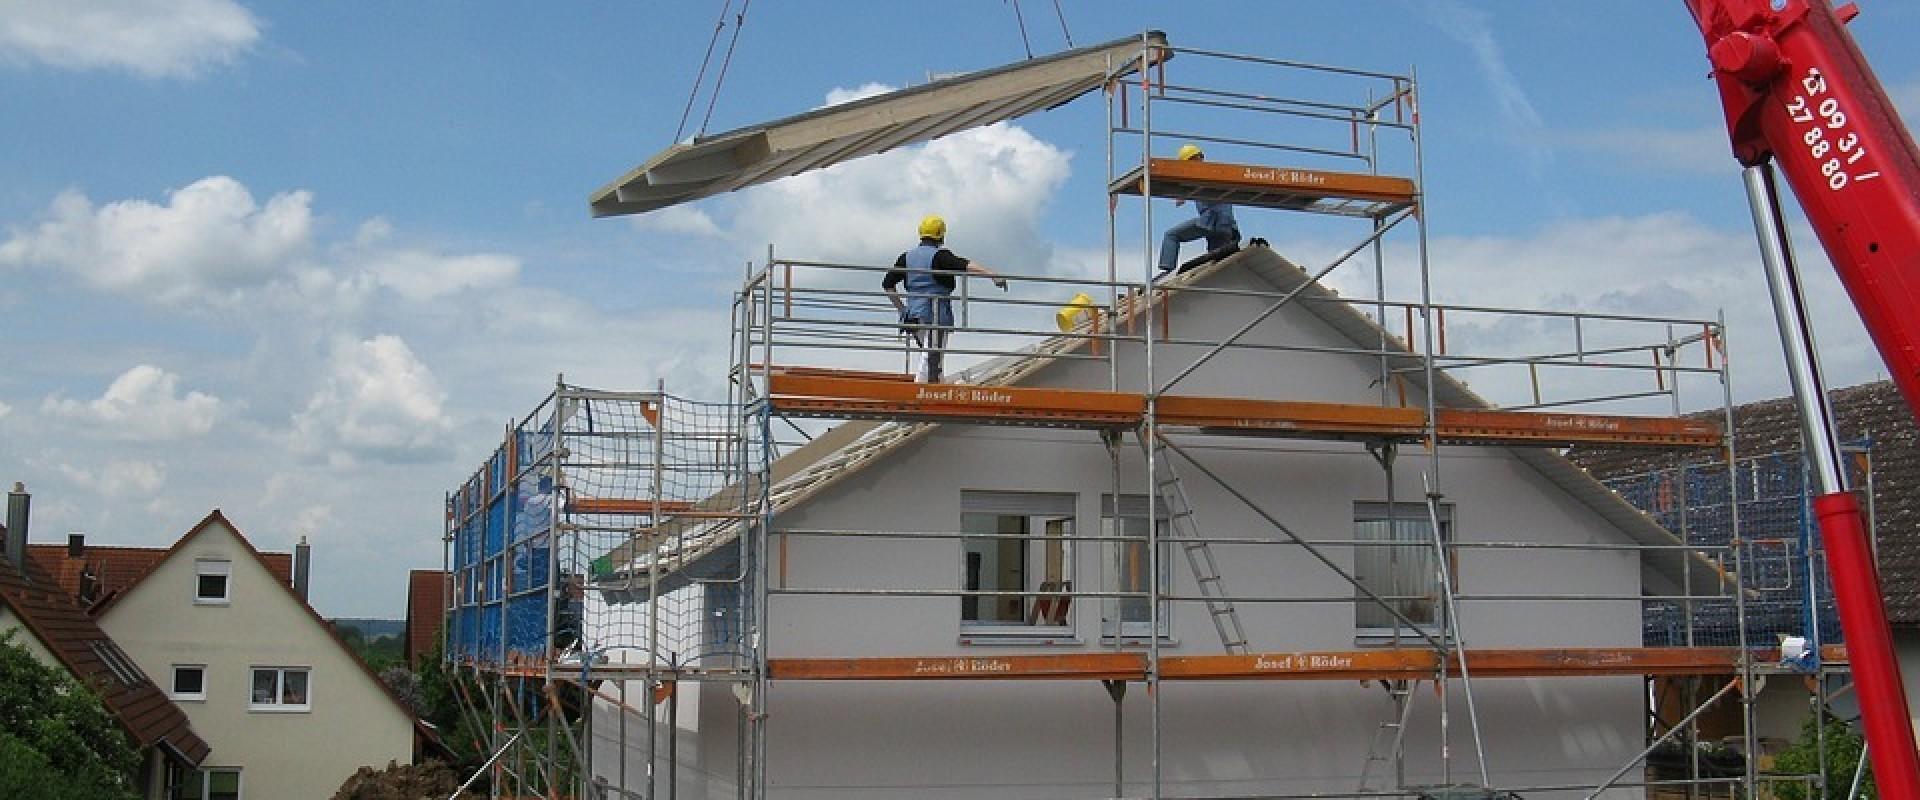 Nieuw huis kopen, krijg jij groen licht?